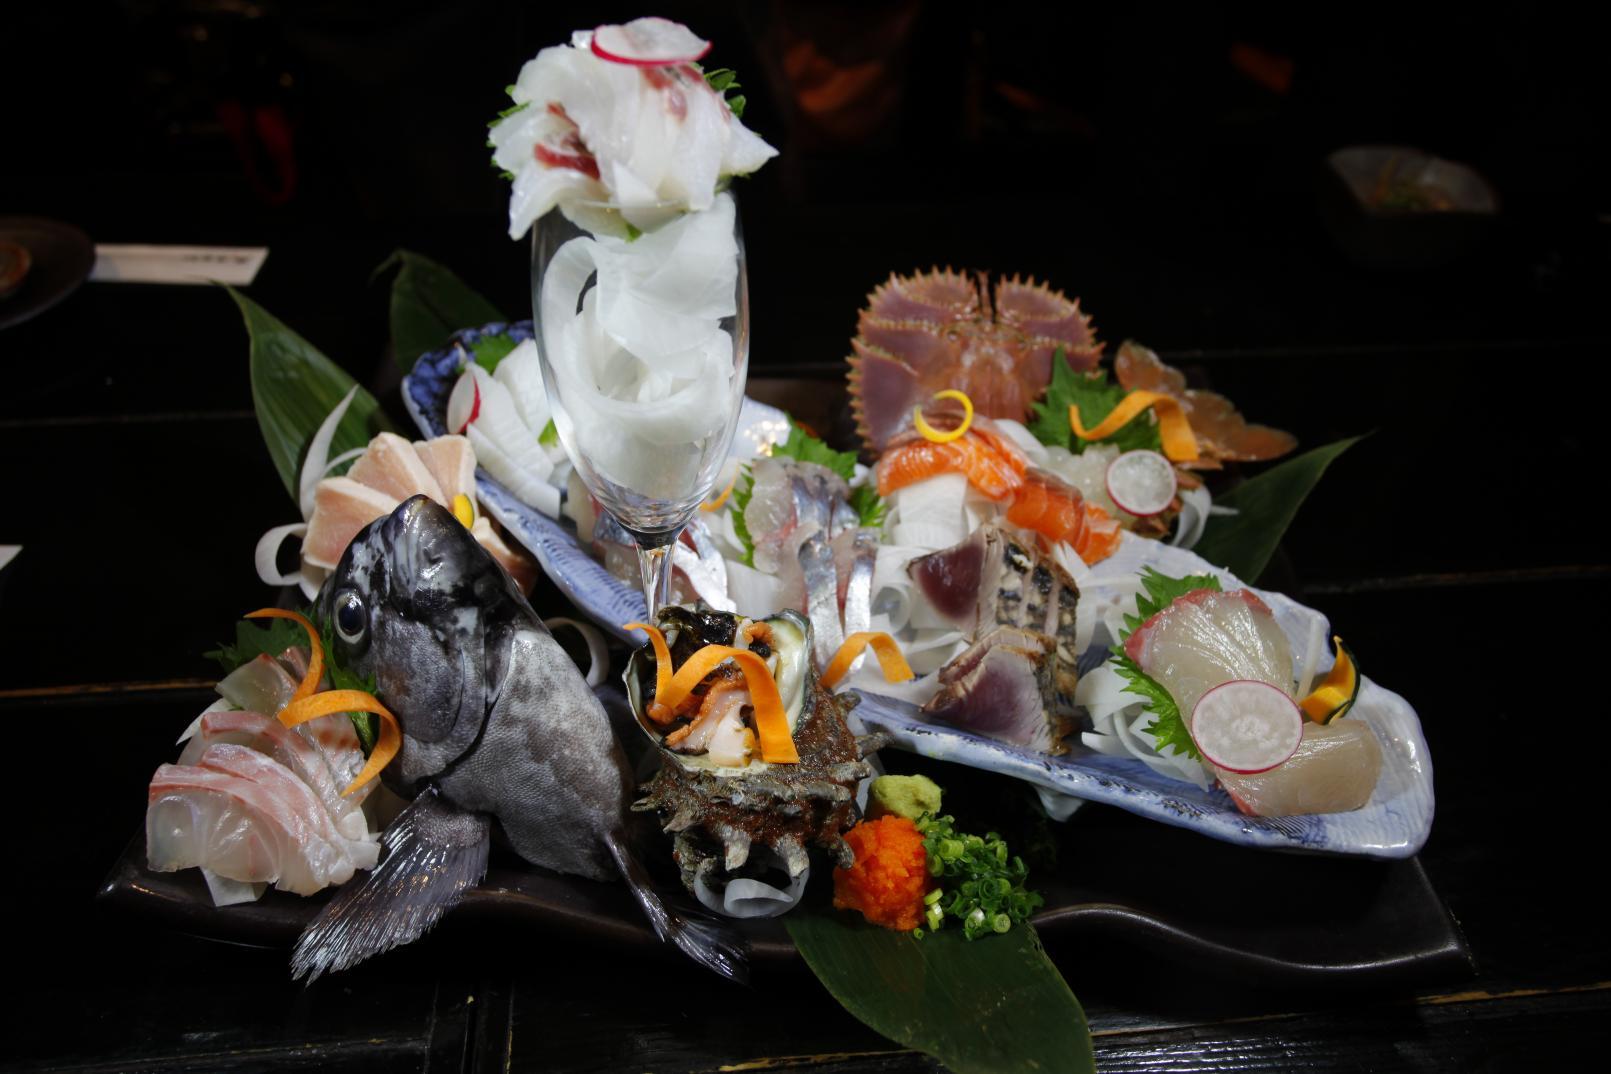 必食!お魚王国で味わう極上の魚介類-4